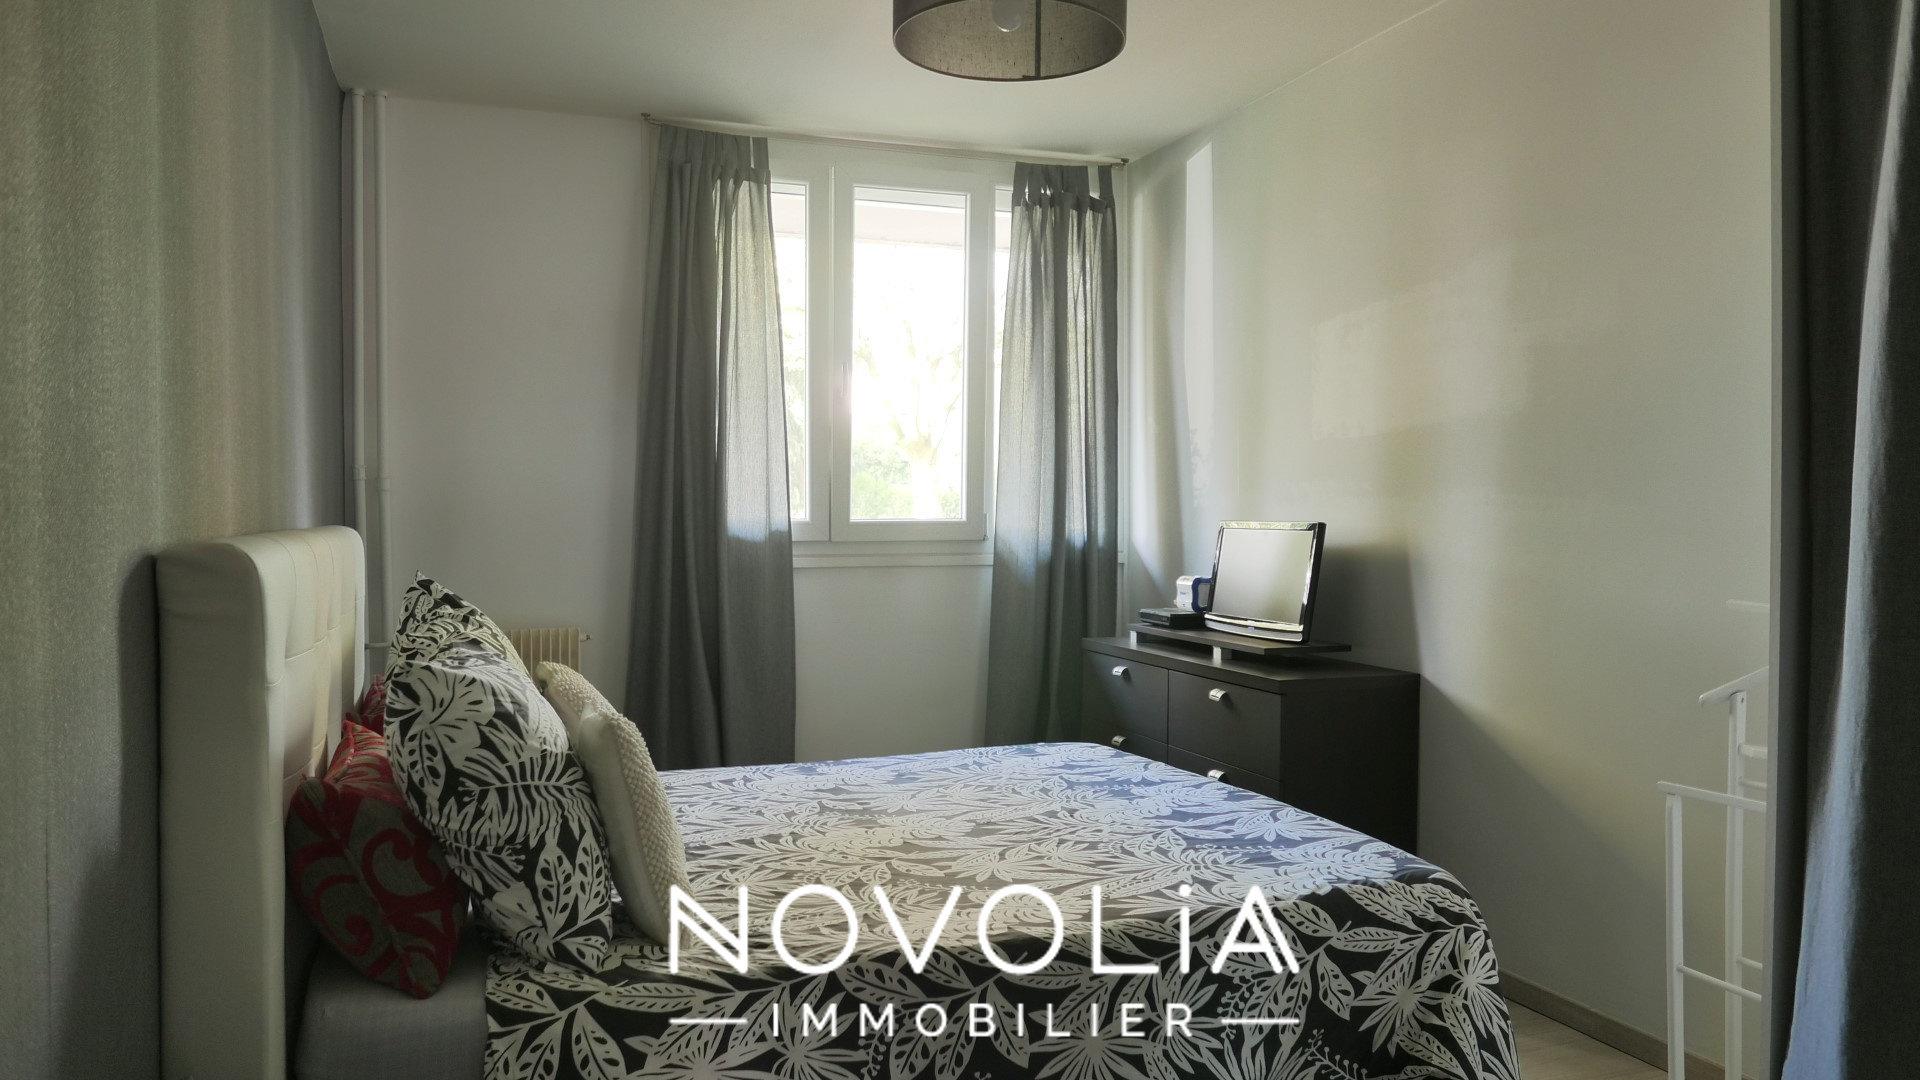 Achat Appartement, Surface de 96.44 m²/ Total carrez : 96 m², 5 pièces, Décines-Charpieu (69150)